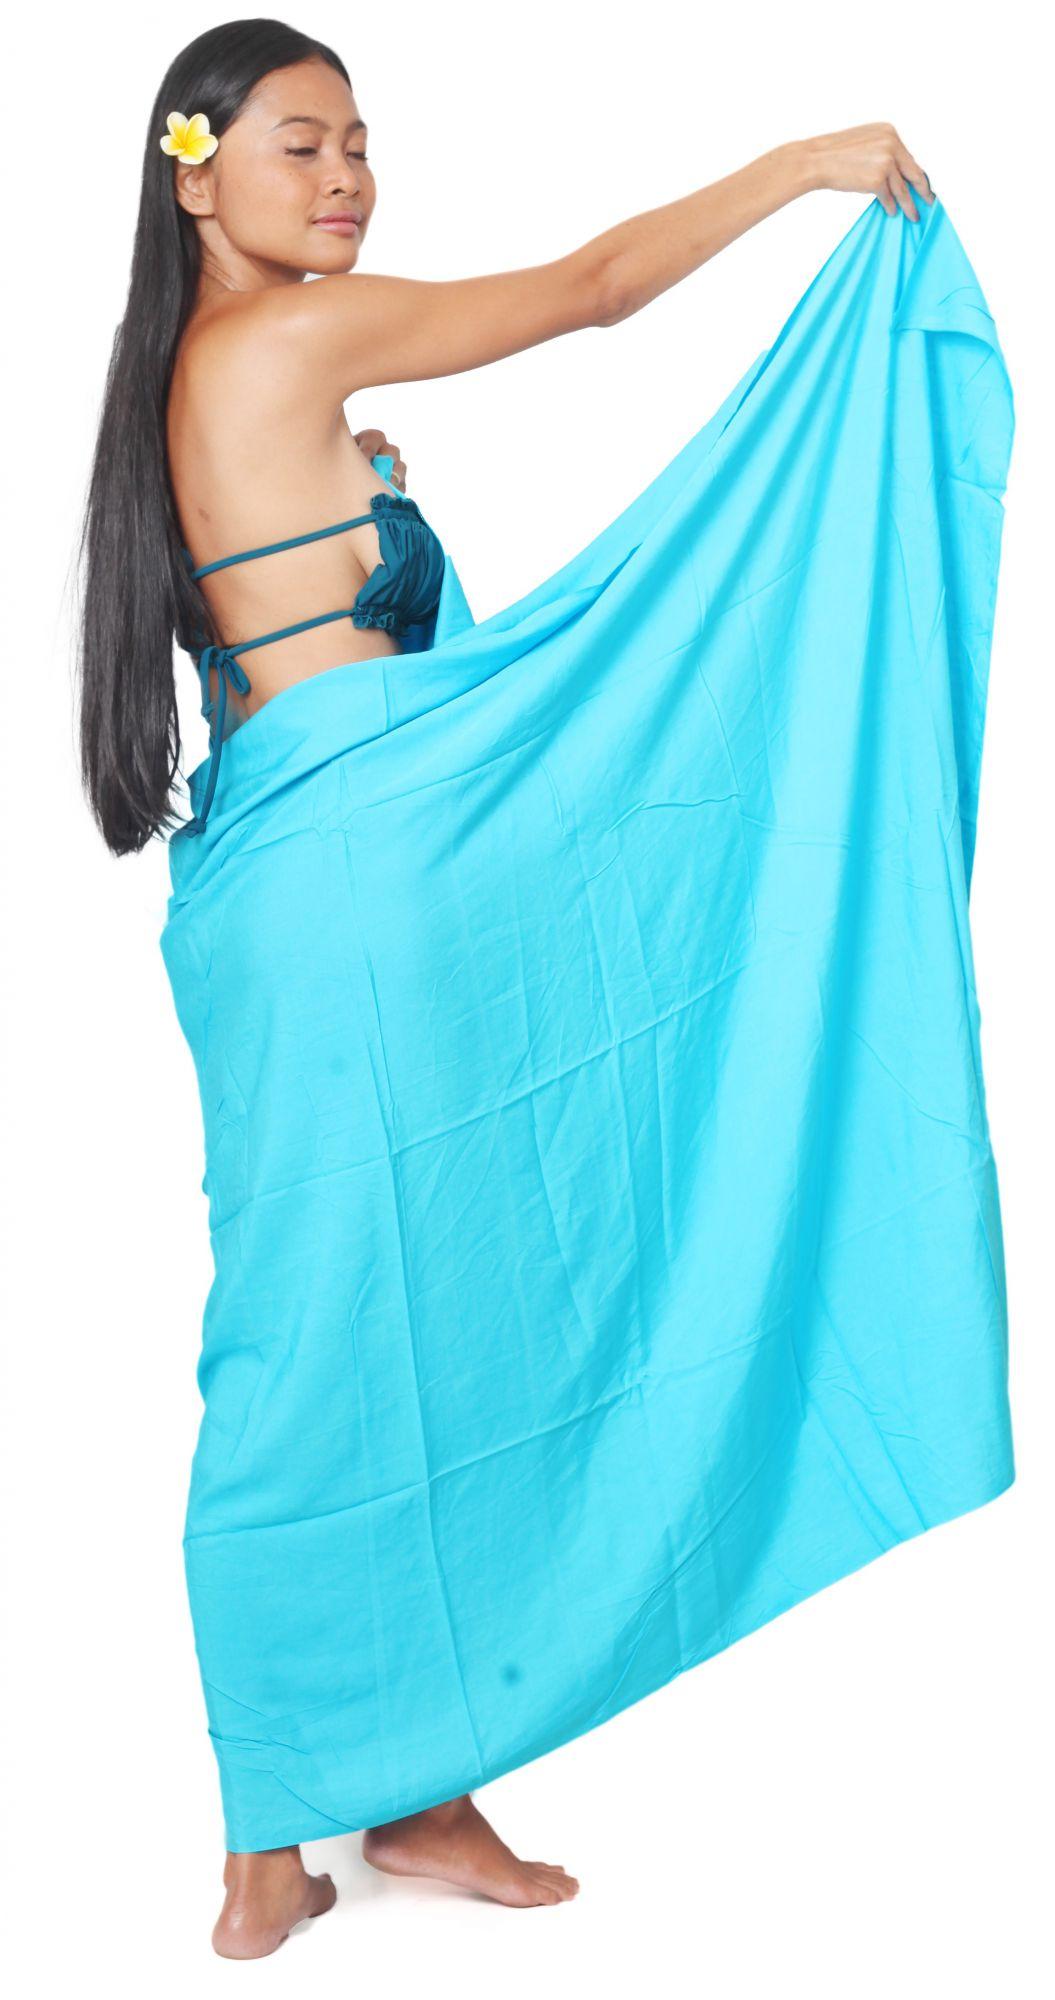 Paréos Unis Bleu Turquoise